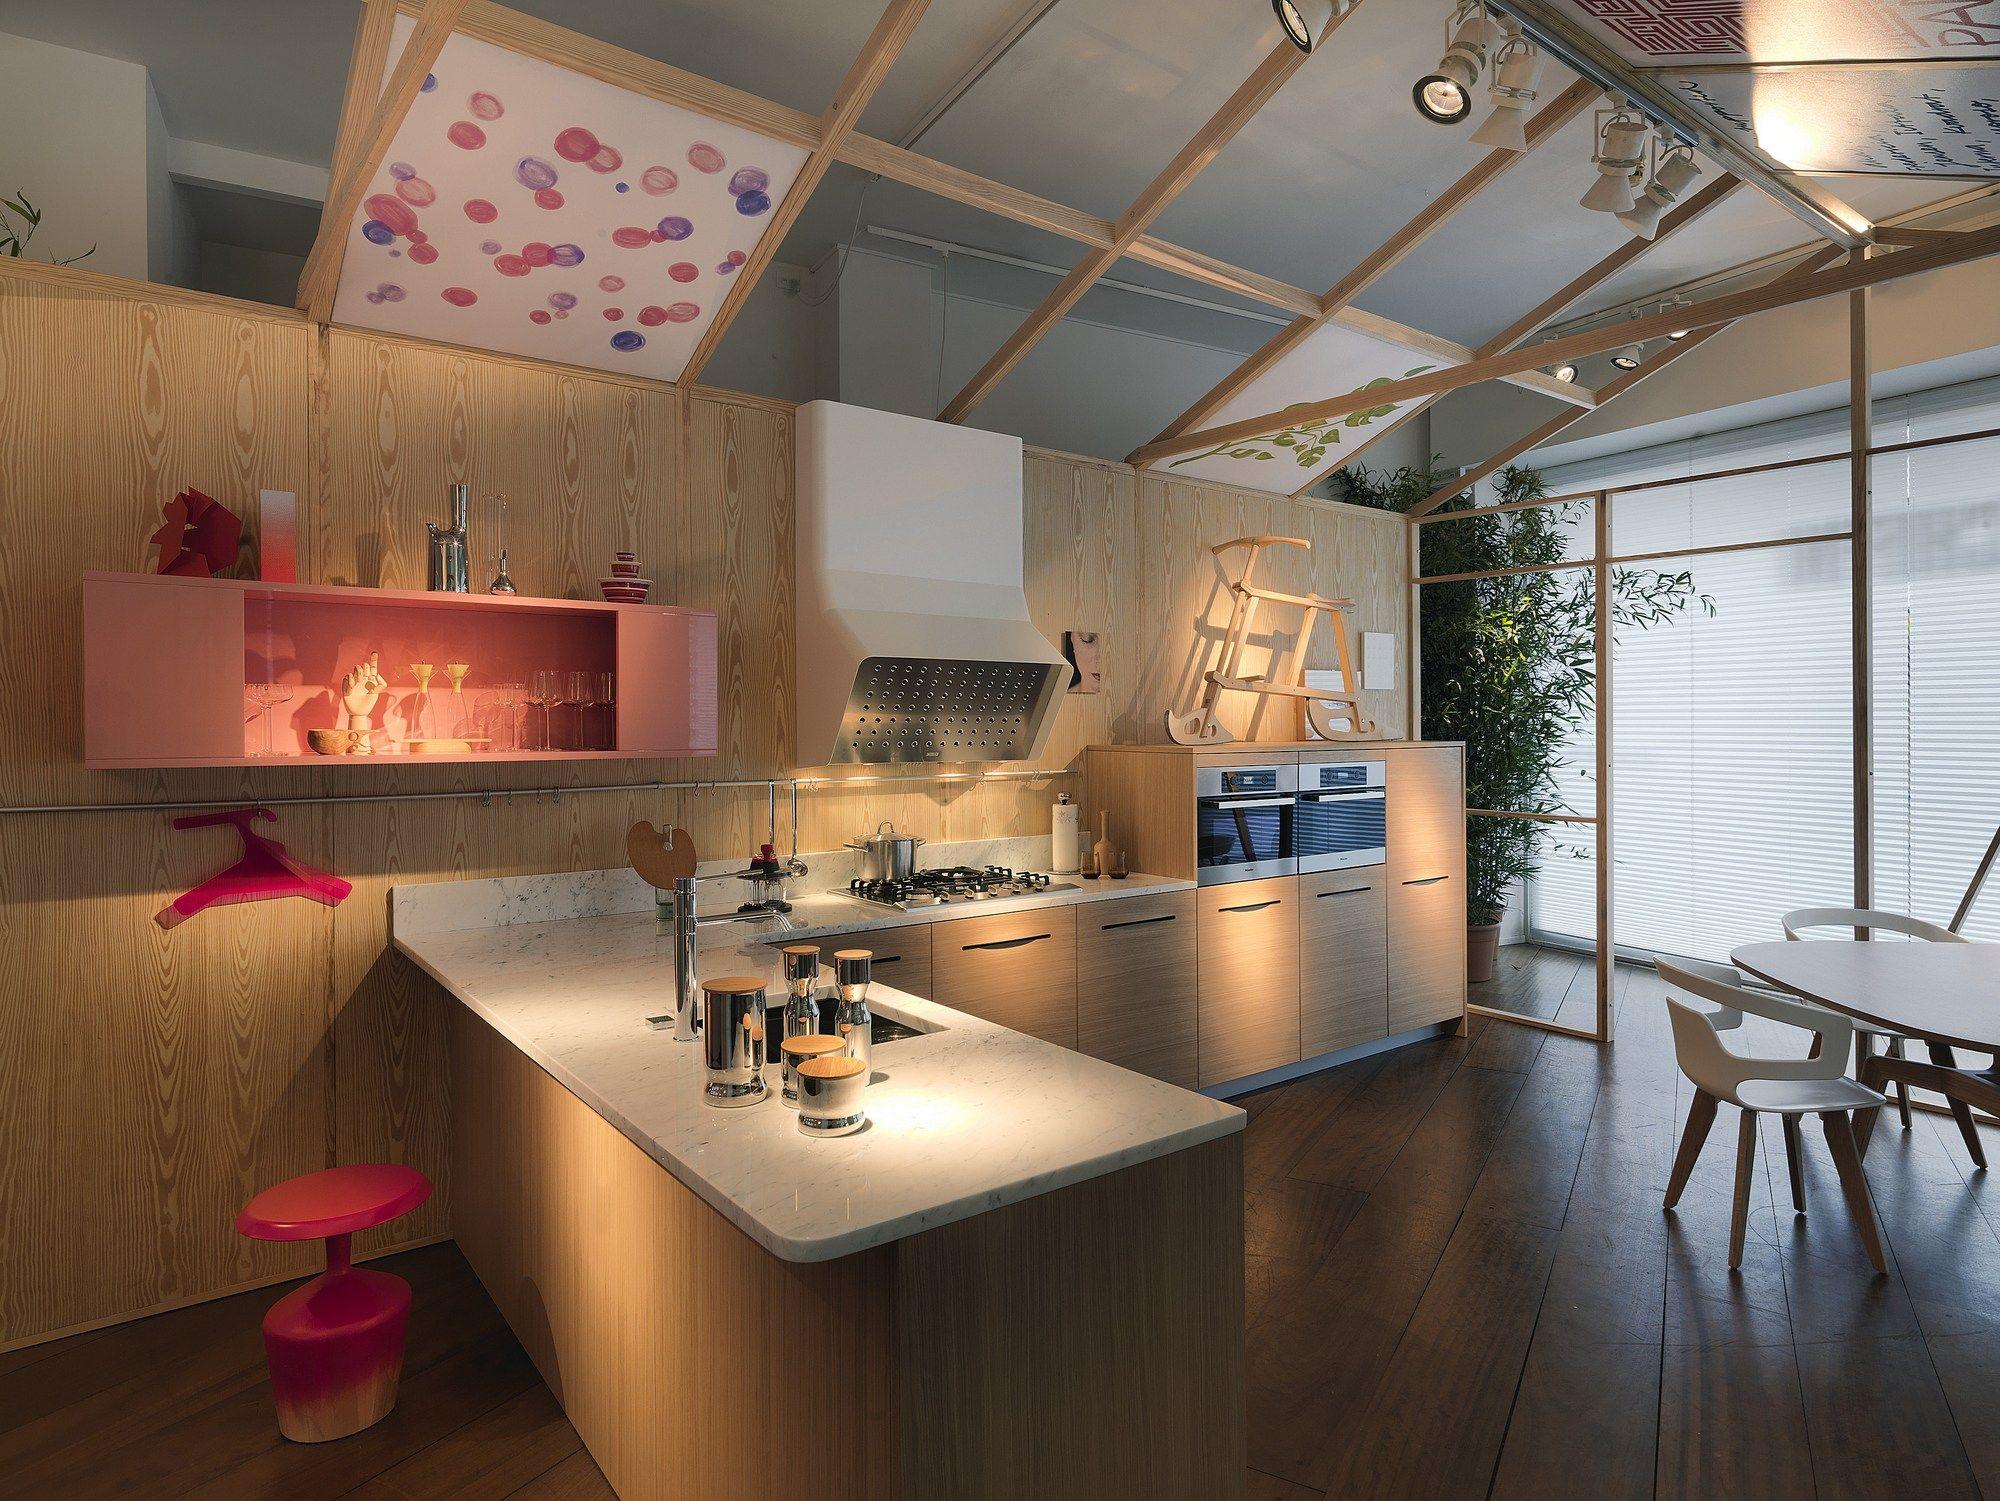 Pampa Kitchen By Schiffini Design Alfredo Haberli Kitchen Design Decor Modern Wooden Kitchen Elegant Kitchens